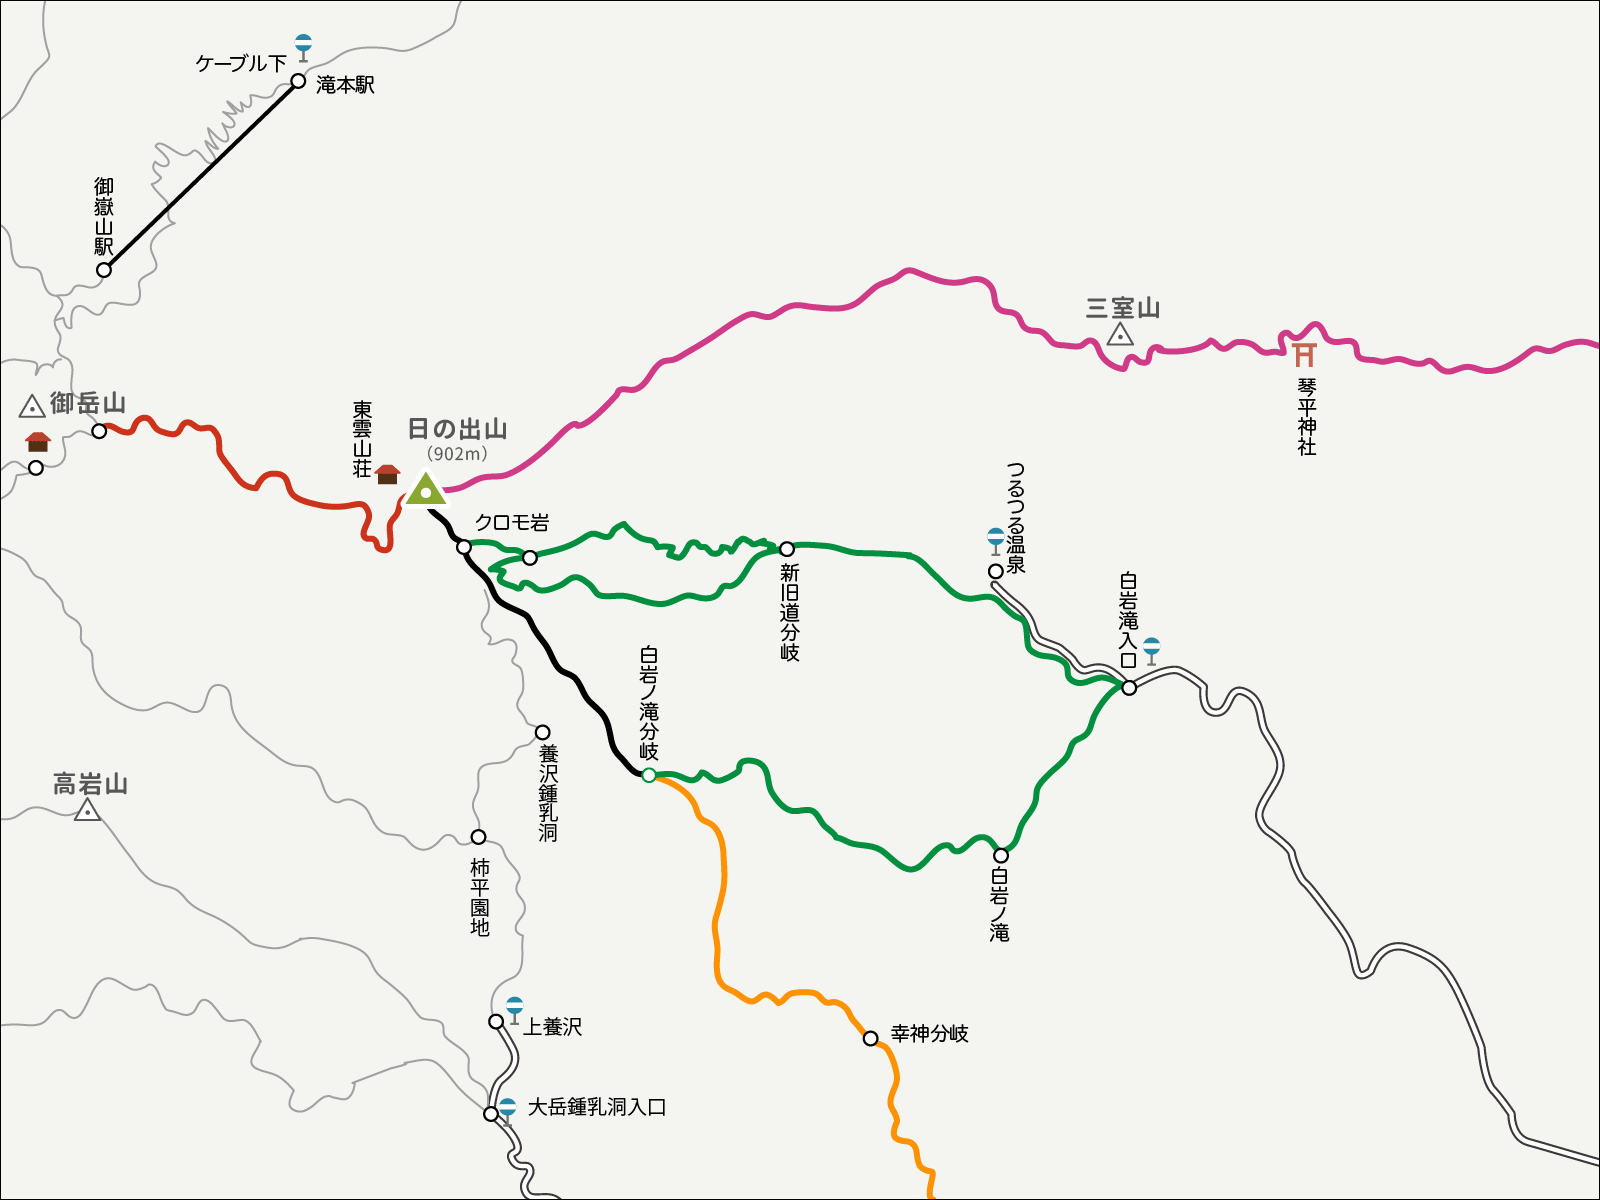 日の出山のイラストマップ